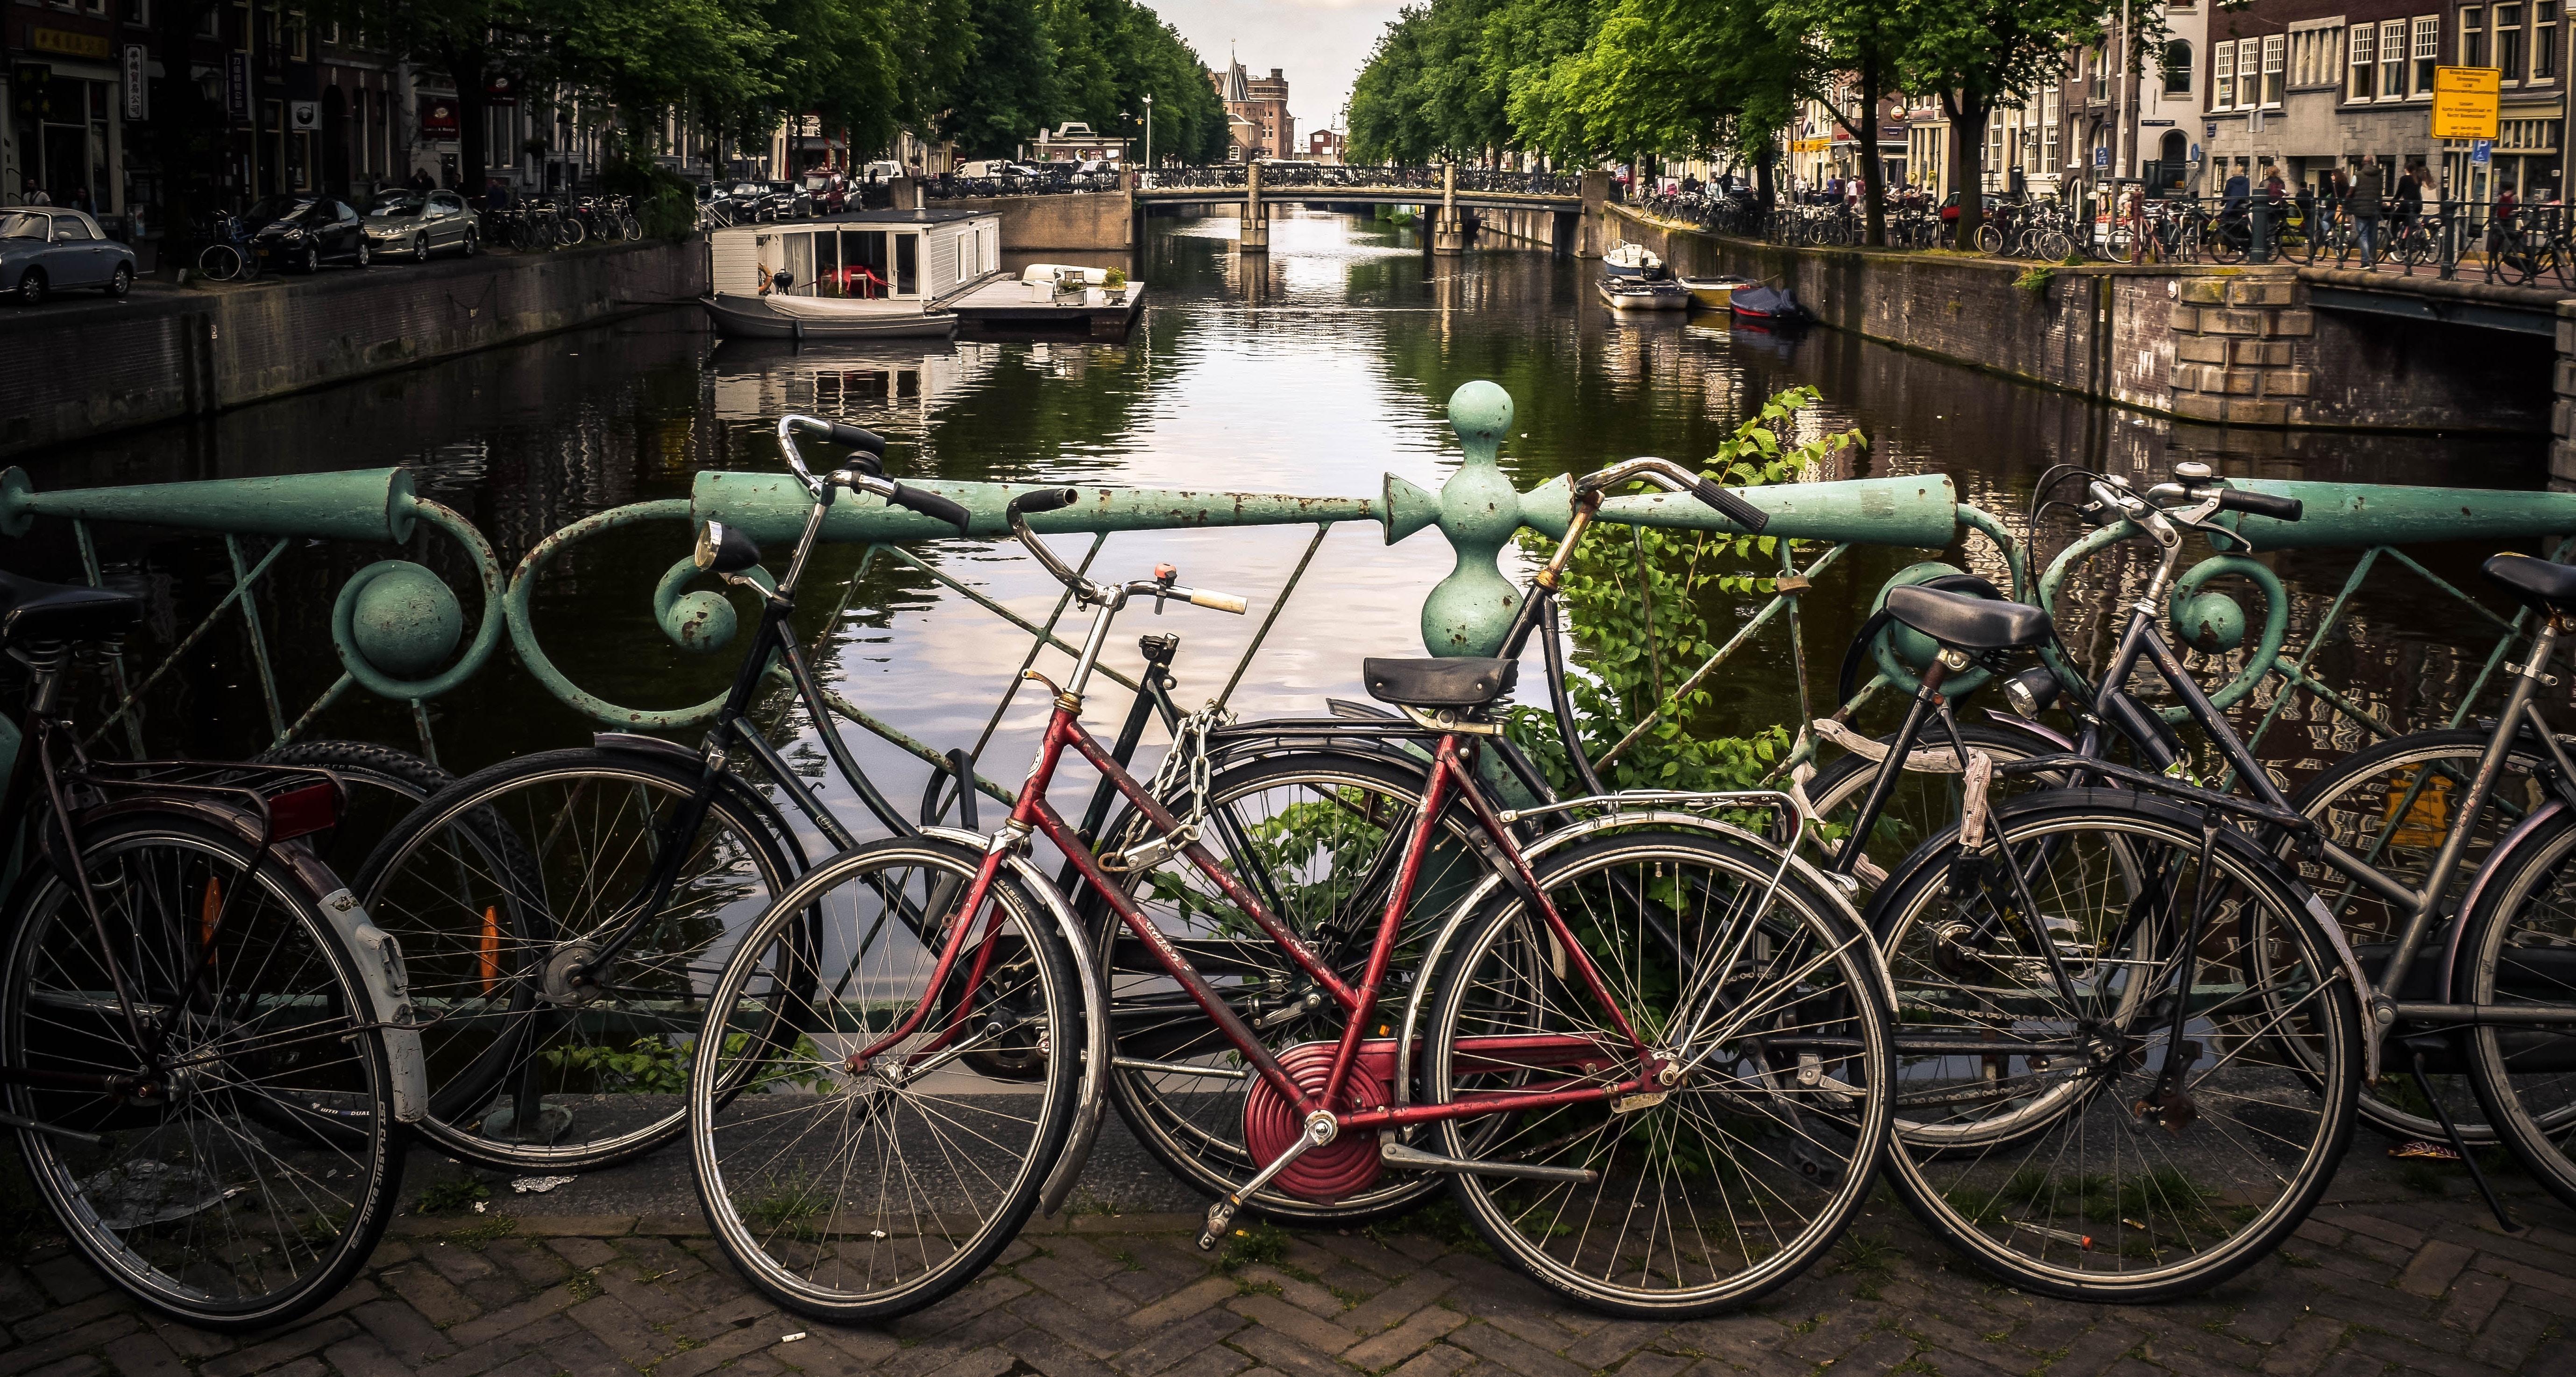 amsterdam-mooiste-steden-femfem